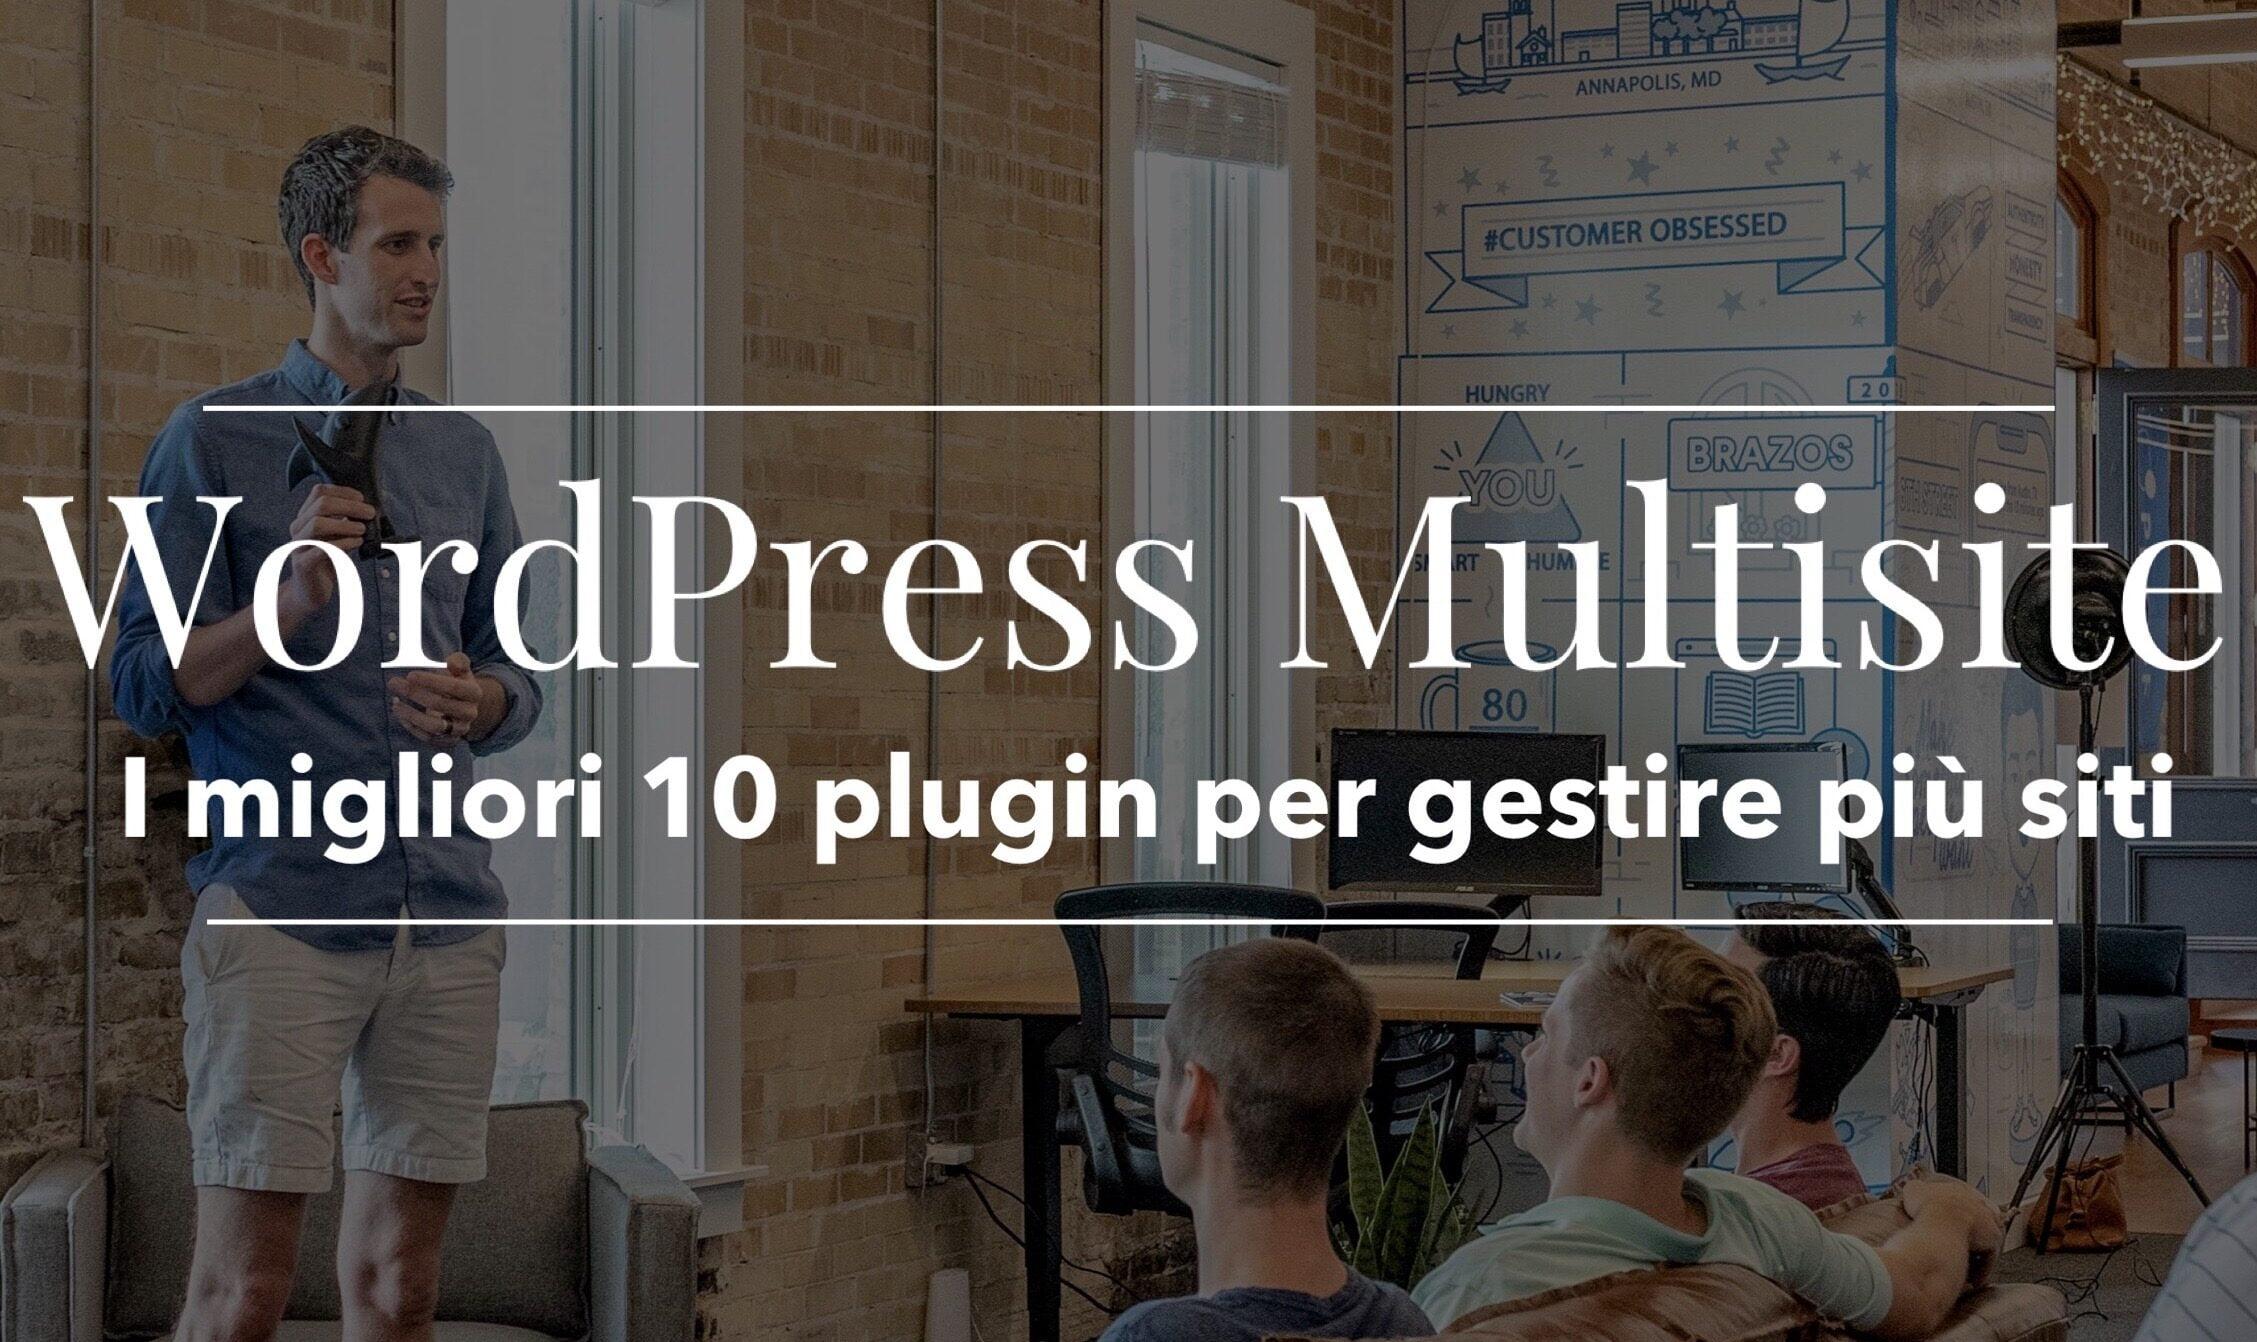 WordPress Multisite: i migliori plugin per gestire più siti sulla stessa rete